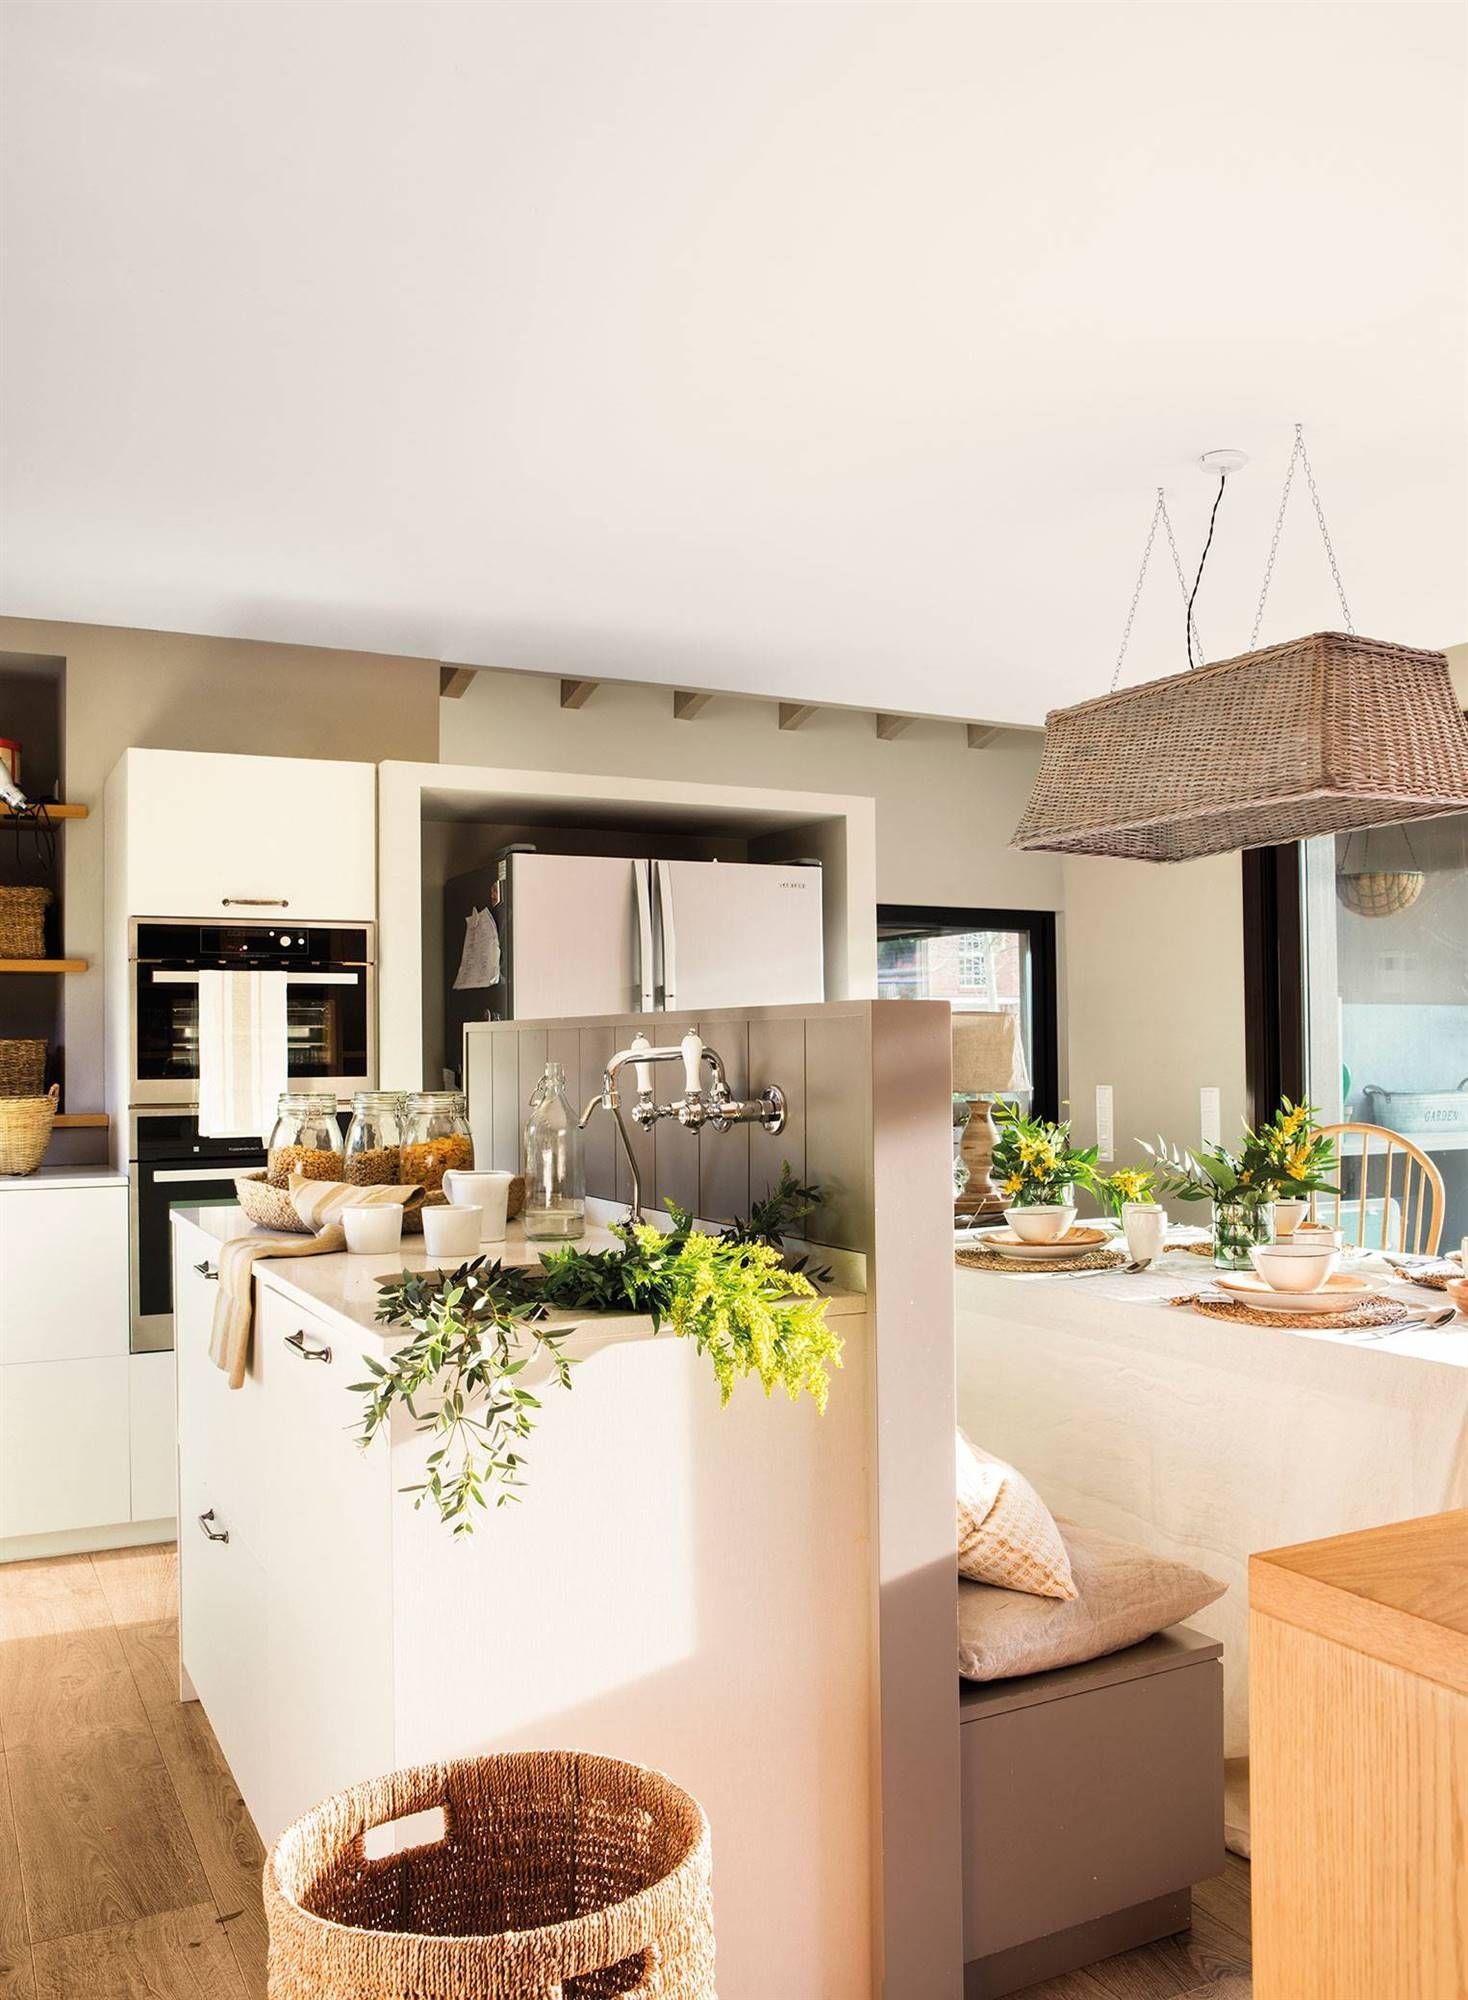 5 Un Mueble Separador Decoracion De Cocina Cocinas Abiertas Cocina Abierta Al Salon